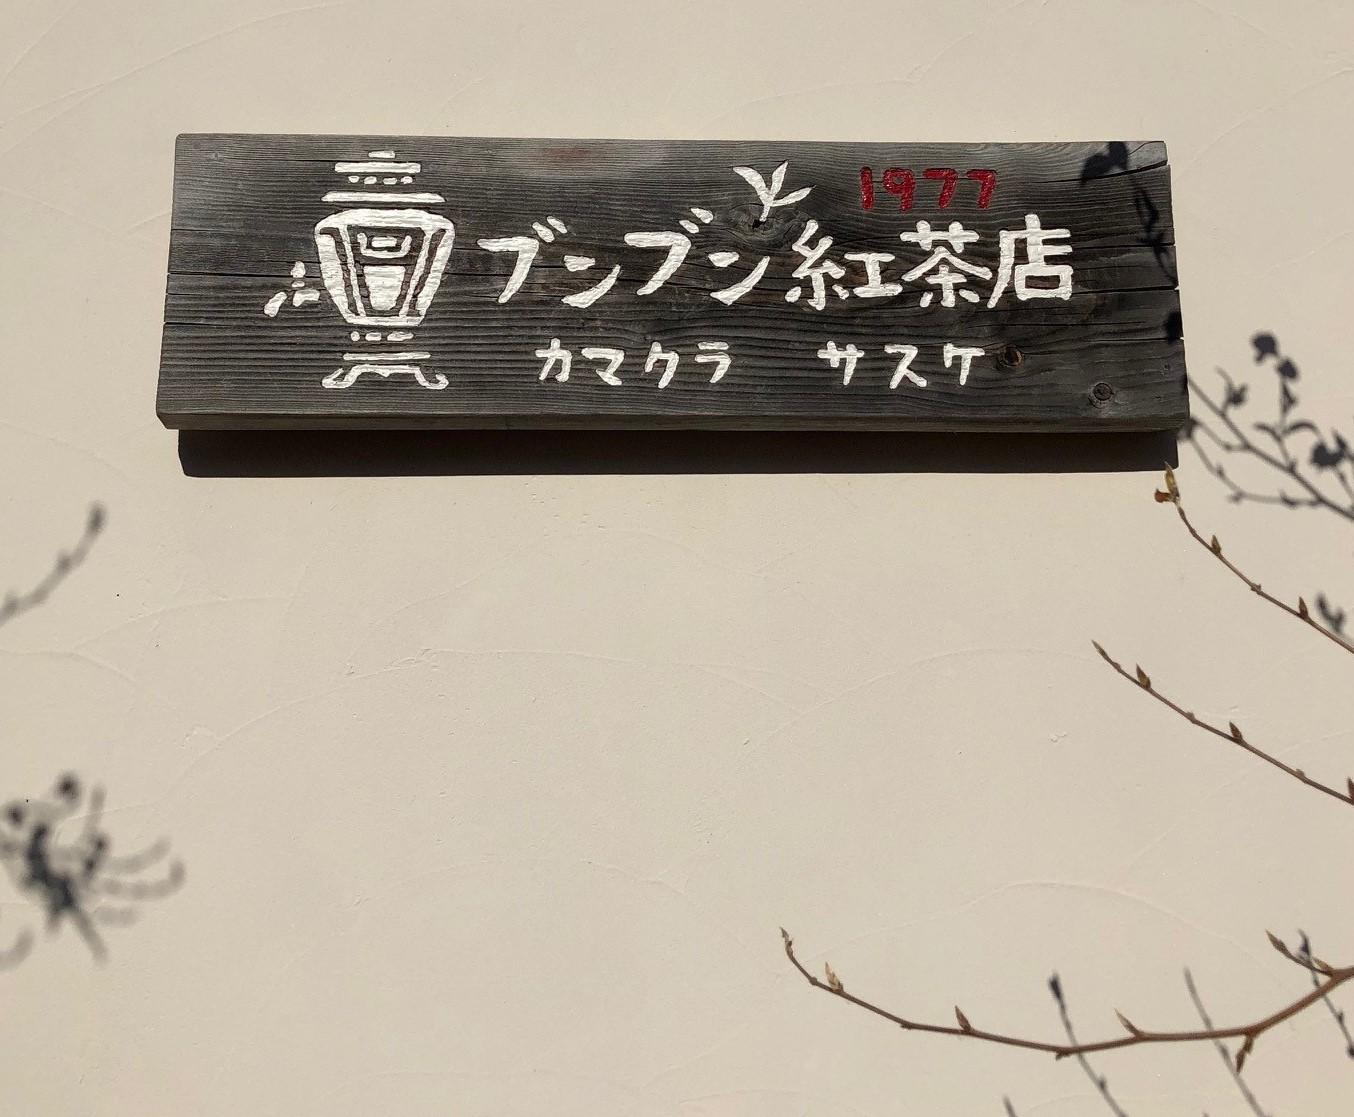 現在のブンブン紅茶店・鎌倉で紅茶を楽しむ会について_b0158721_08440775.jpg